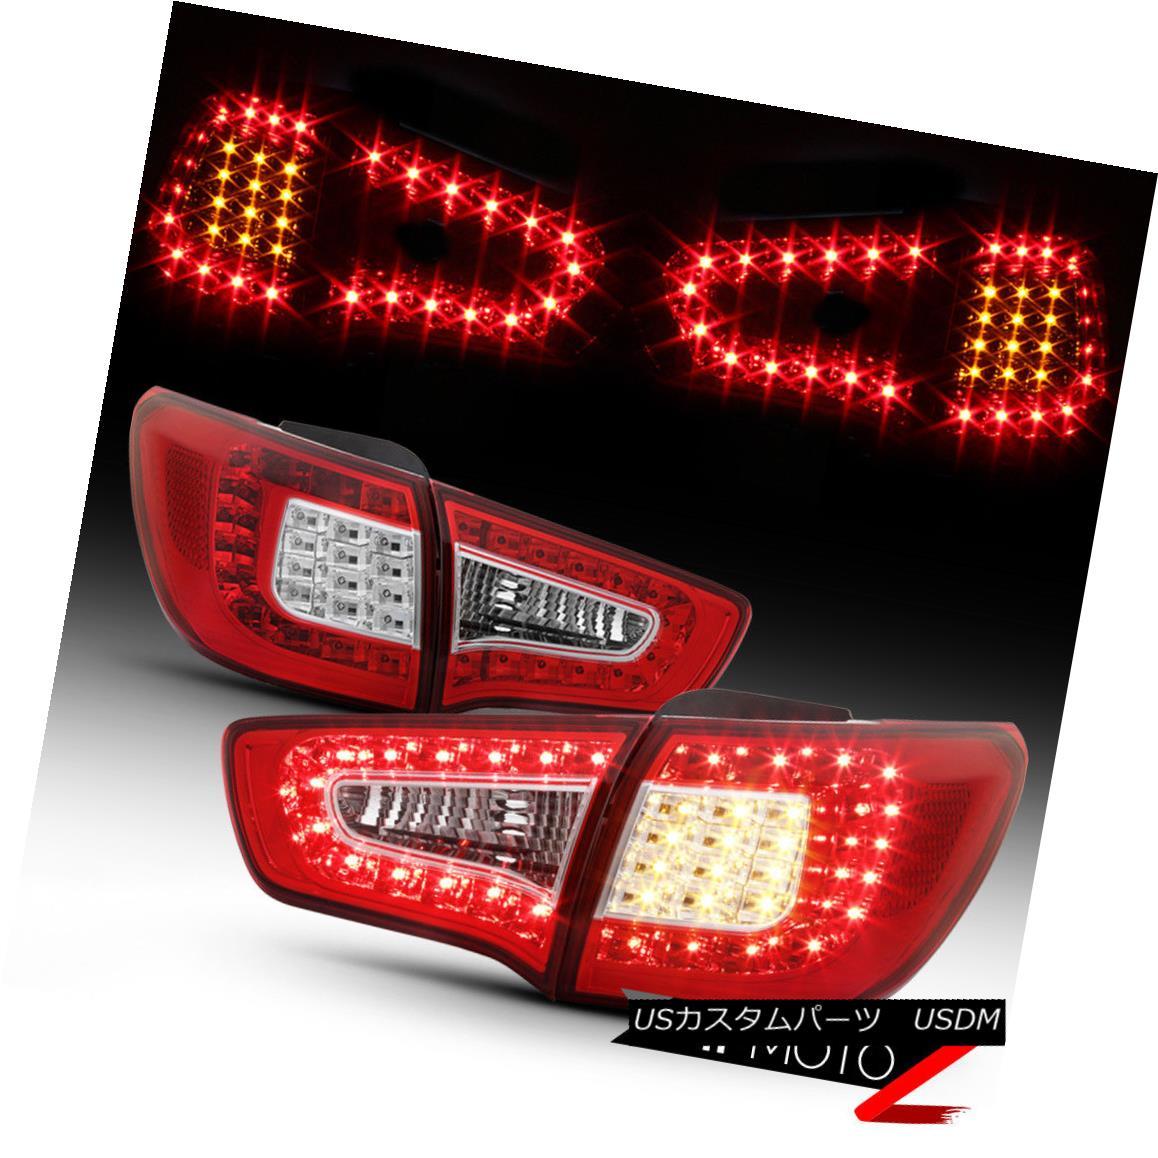 テールライト {LATEST DESIGN} Factory RED LED Tail Lights For 2011-2013 Kia Sportage EX LX SX {LATEST DESIGN}ファクトリーRED LEDテールライト2011-2013 Kia Sportage EX LX SX